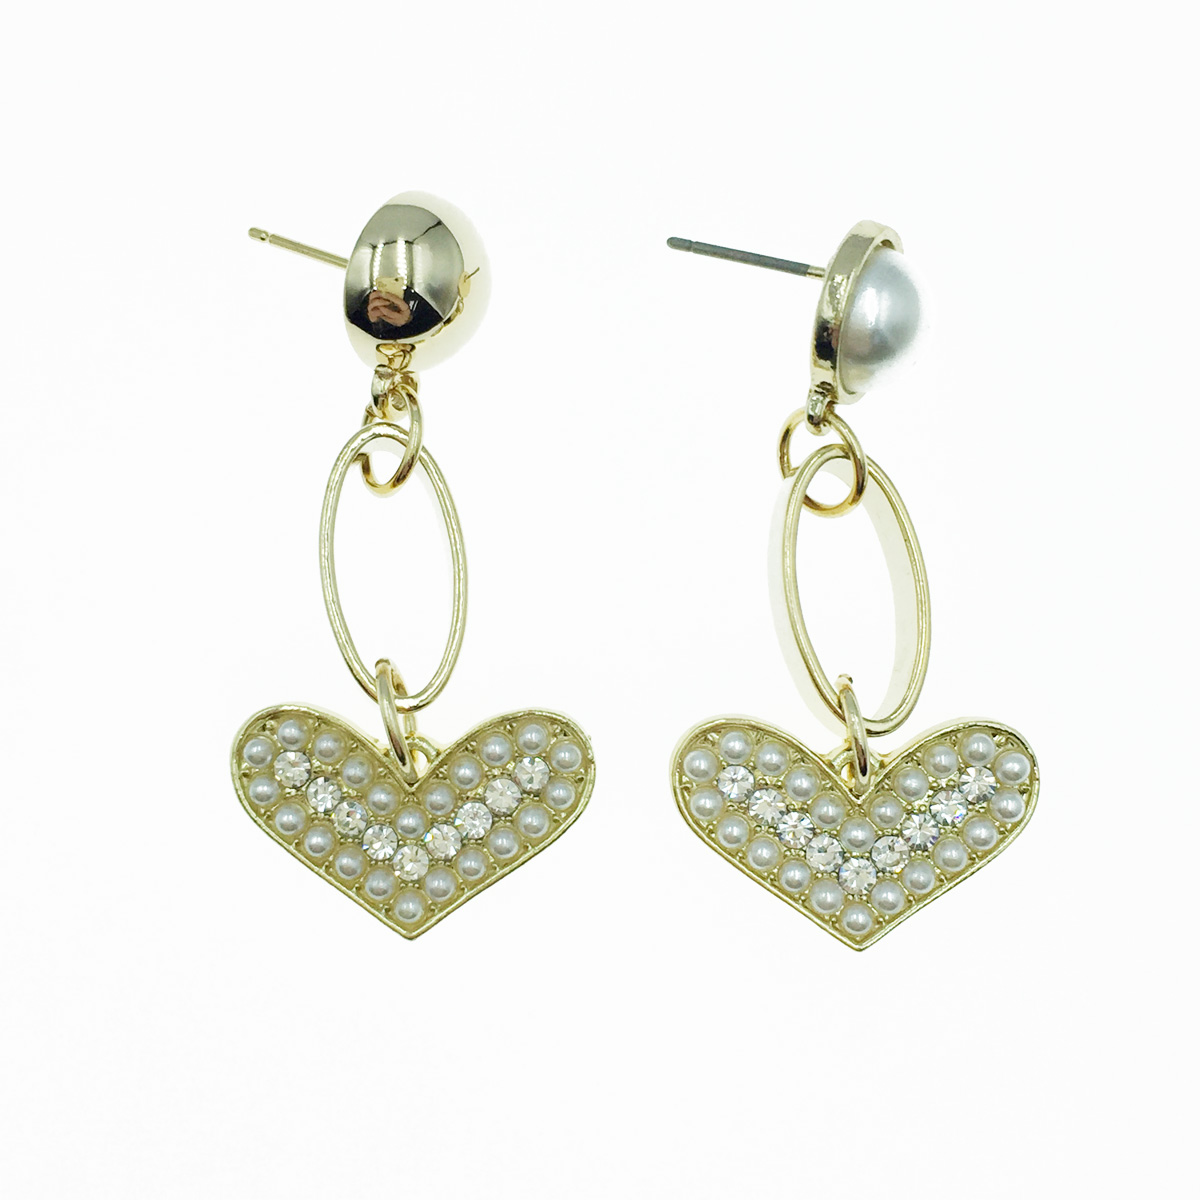 韓國 珍珠 愛心水鑽 垂墜感 耳針式耳環